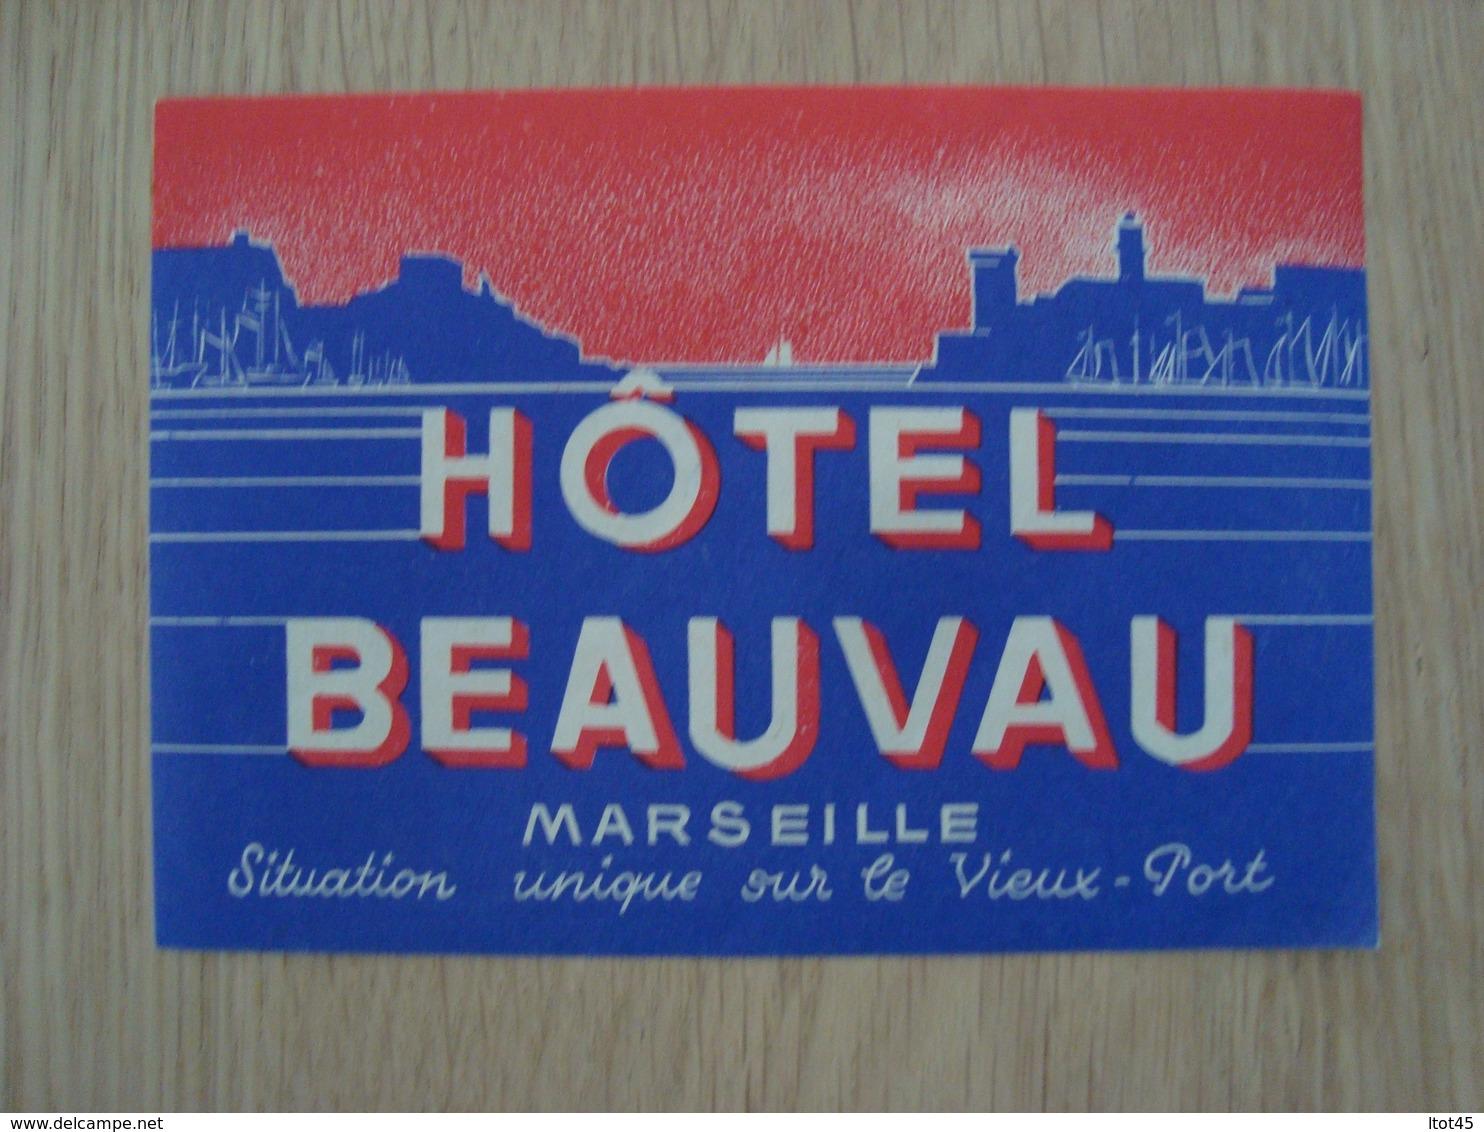 ETIQUETTE D'HOTEL BEAUVAU MARSEILLE - Etiquettes D'hotels